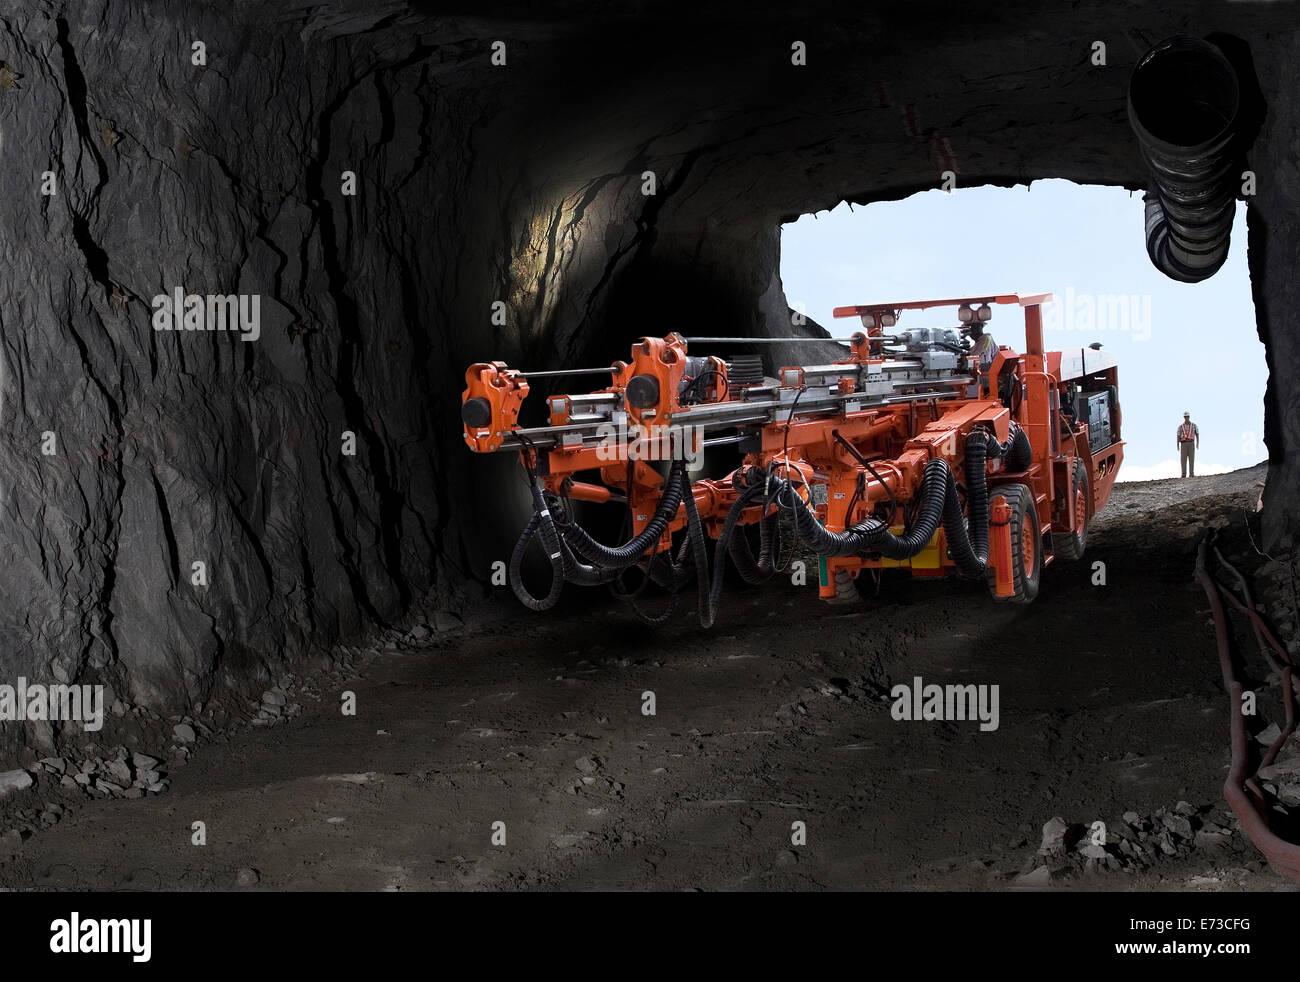 Attrezzatura di perforazione si sta spostando verso il basso nella miniera di platino dal portale di ingresso prima Immagini Stock